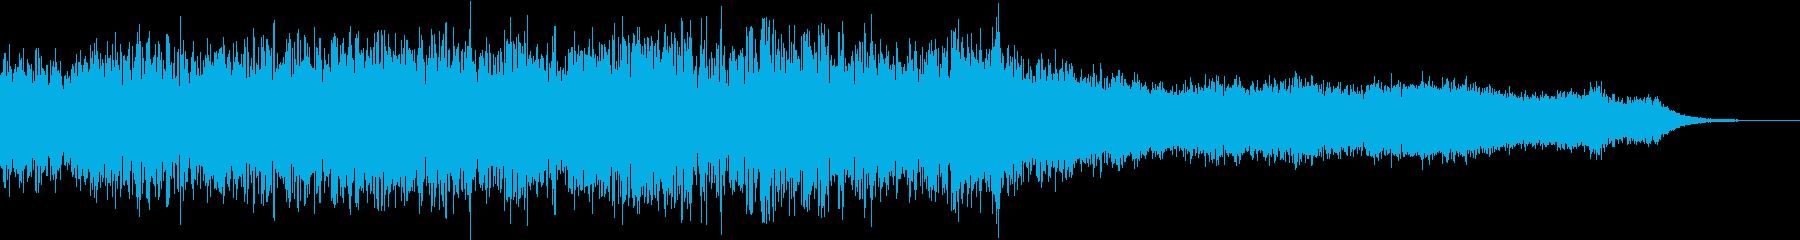 宇宙爆発ロングブームの再生済みの波形